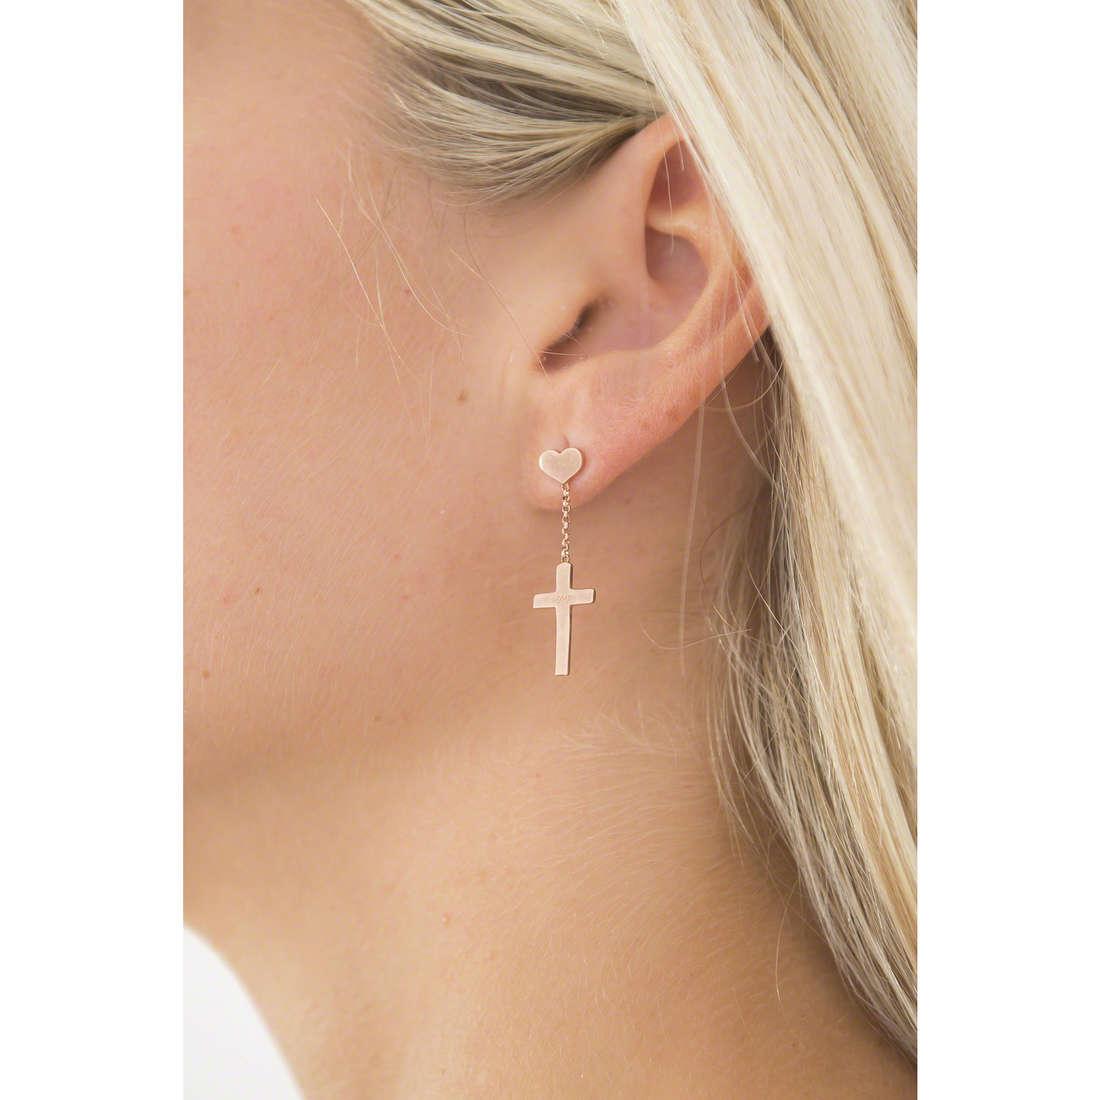 Amen boucles d'oreille femme ORCHR indosso